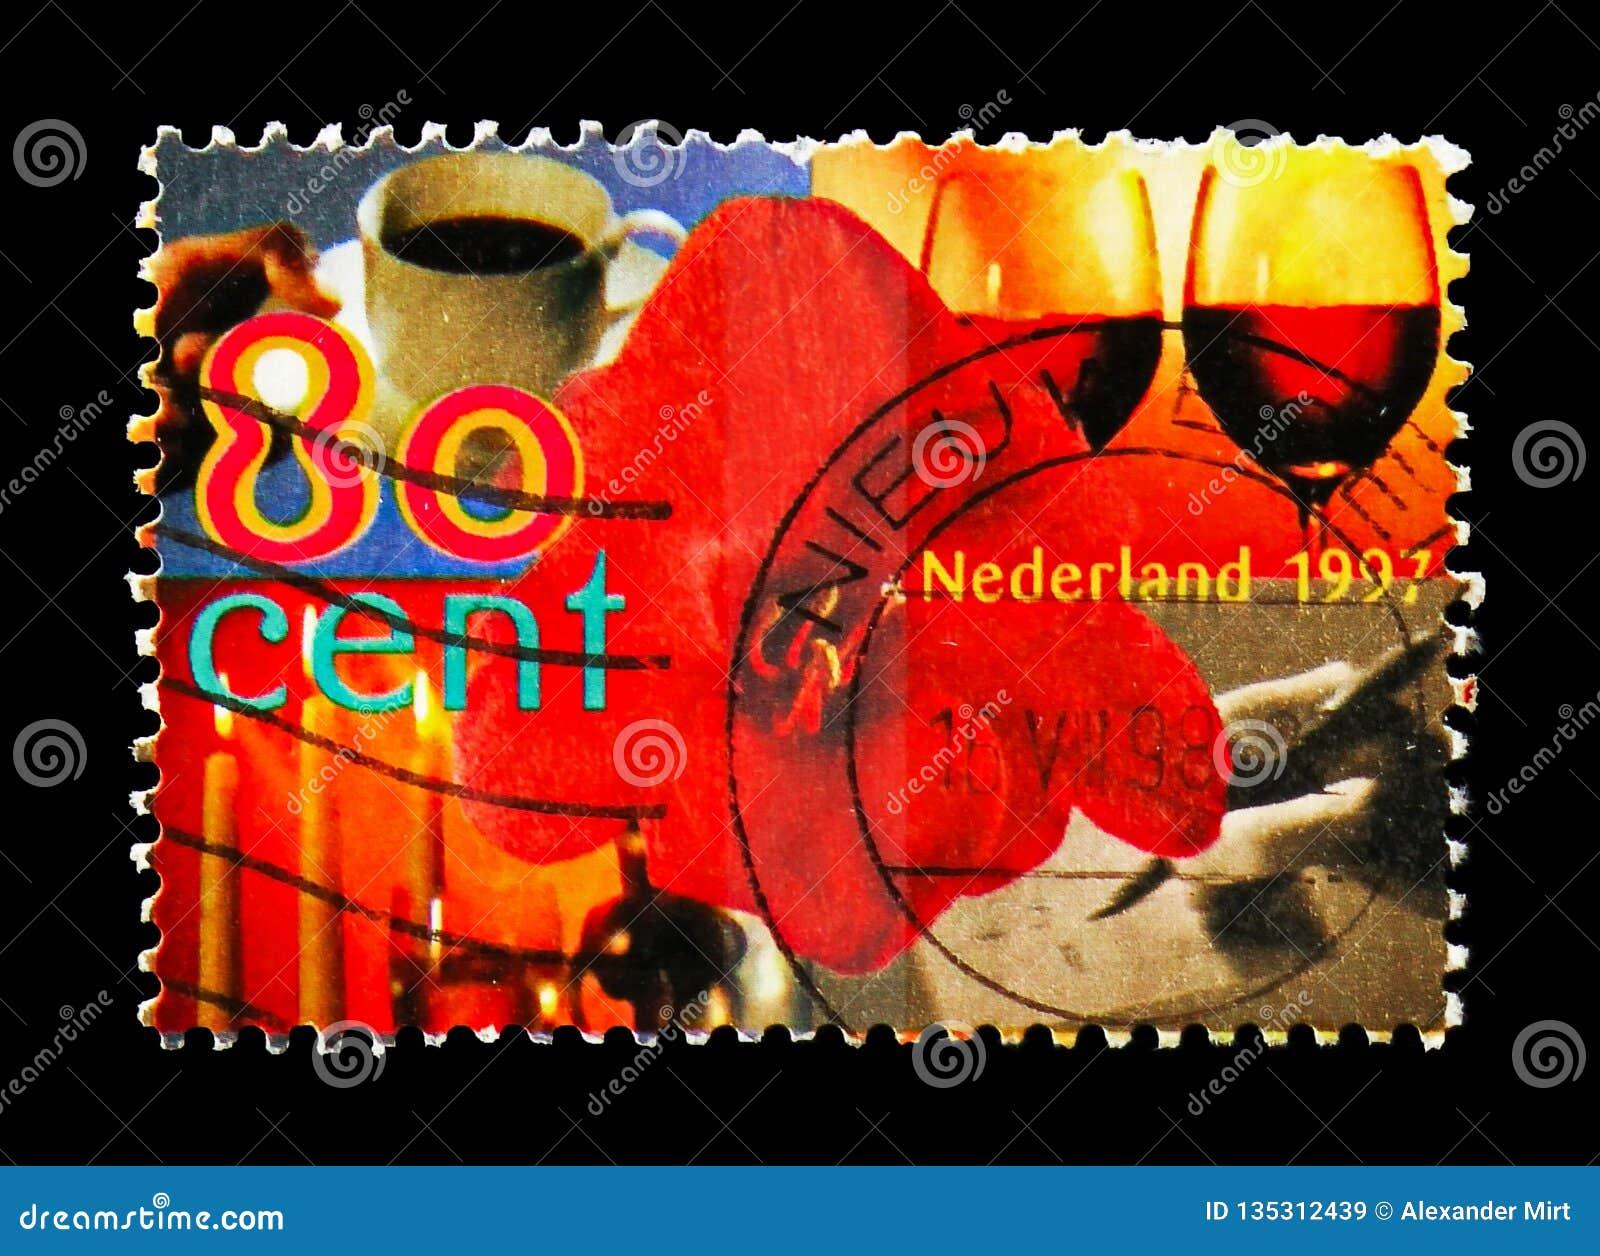 Flor, copo de café, vidro de vinho, velas e mão da escrita, serie dos selos dos cumprimentos, cerca de 1997